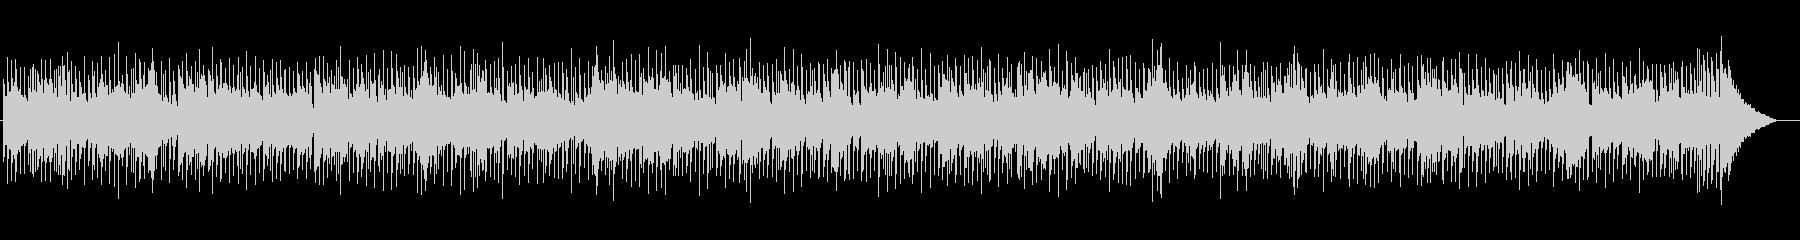 疾走感あふれるポップの未再生の波形